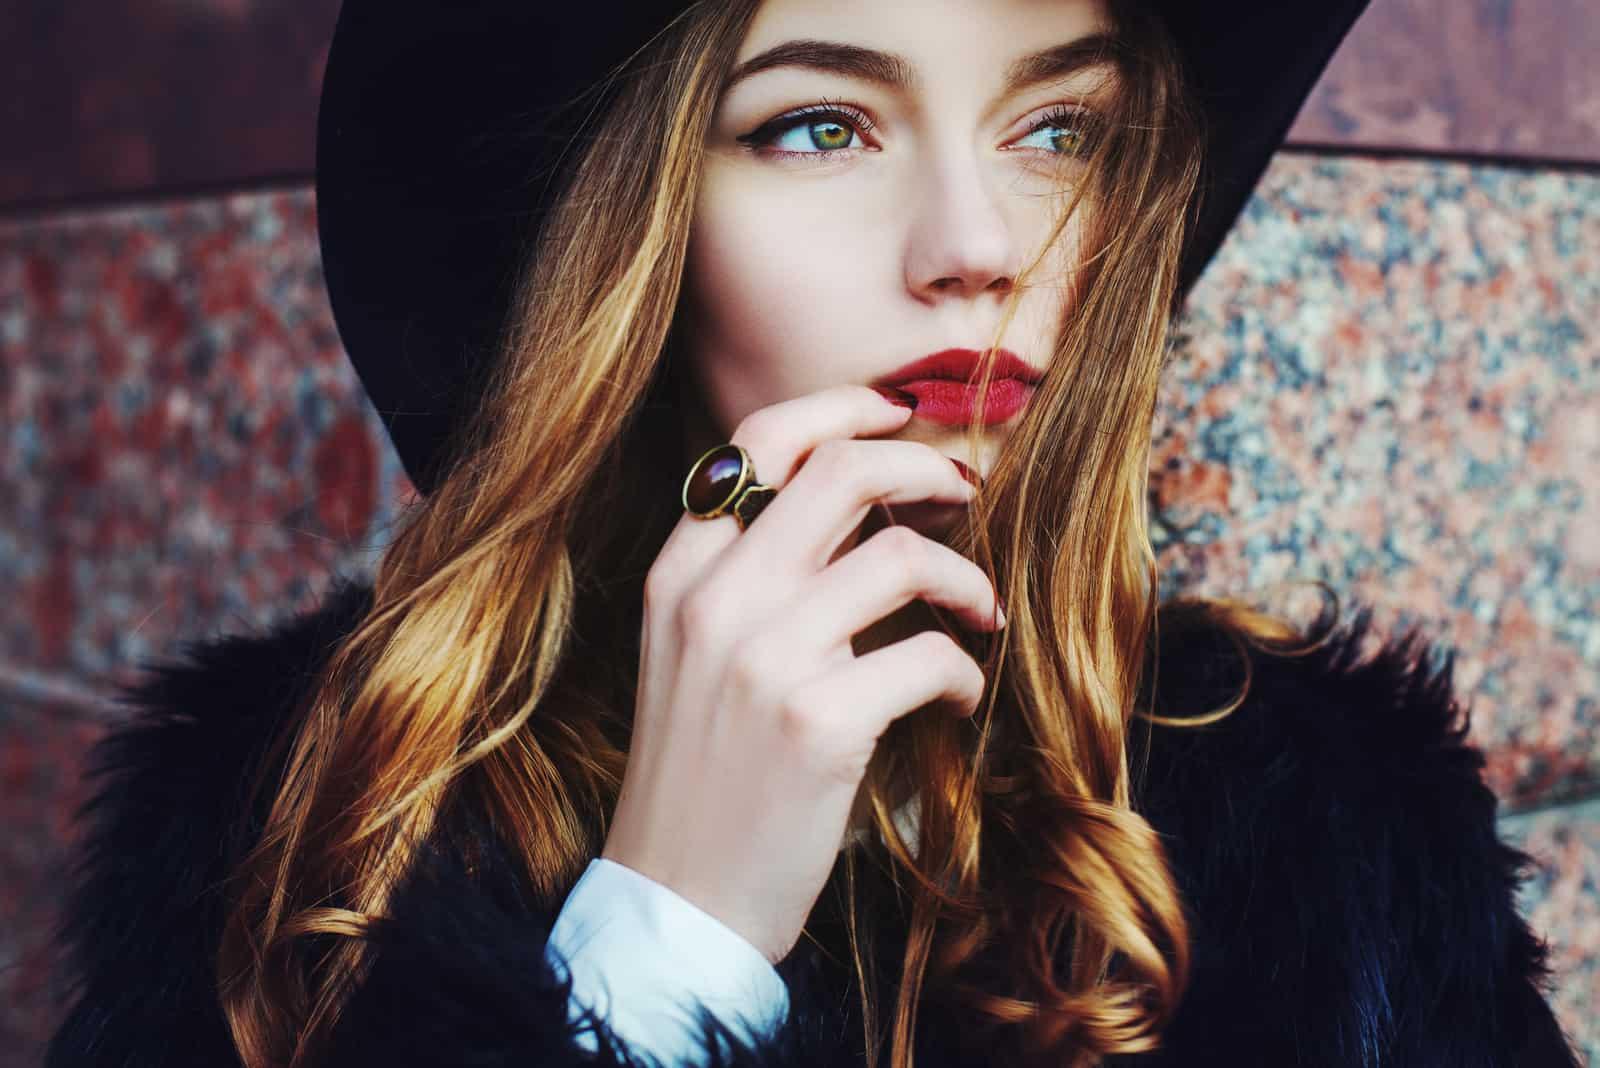 une femme imaginaire avec un chapeau noir sur la tête